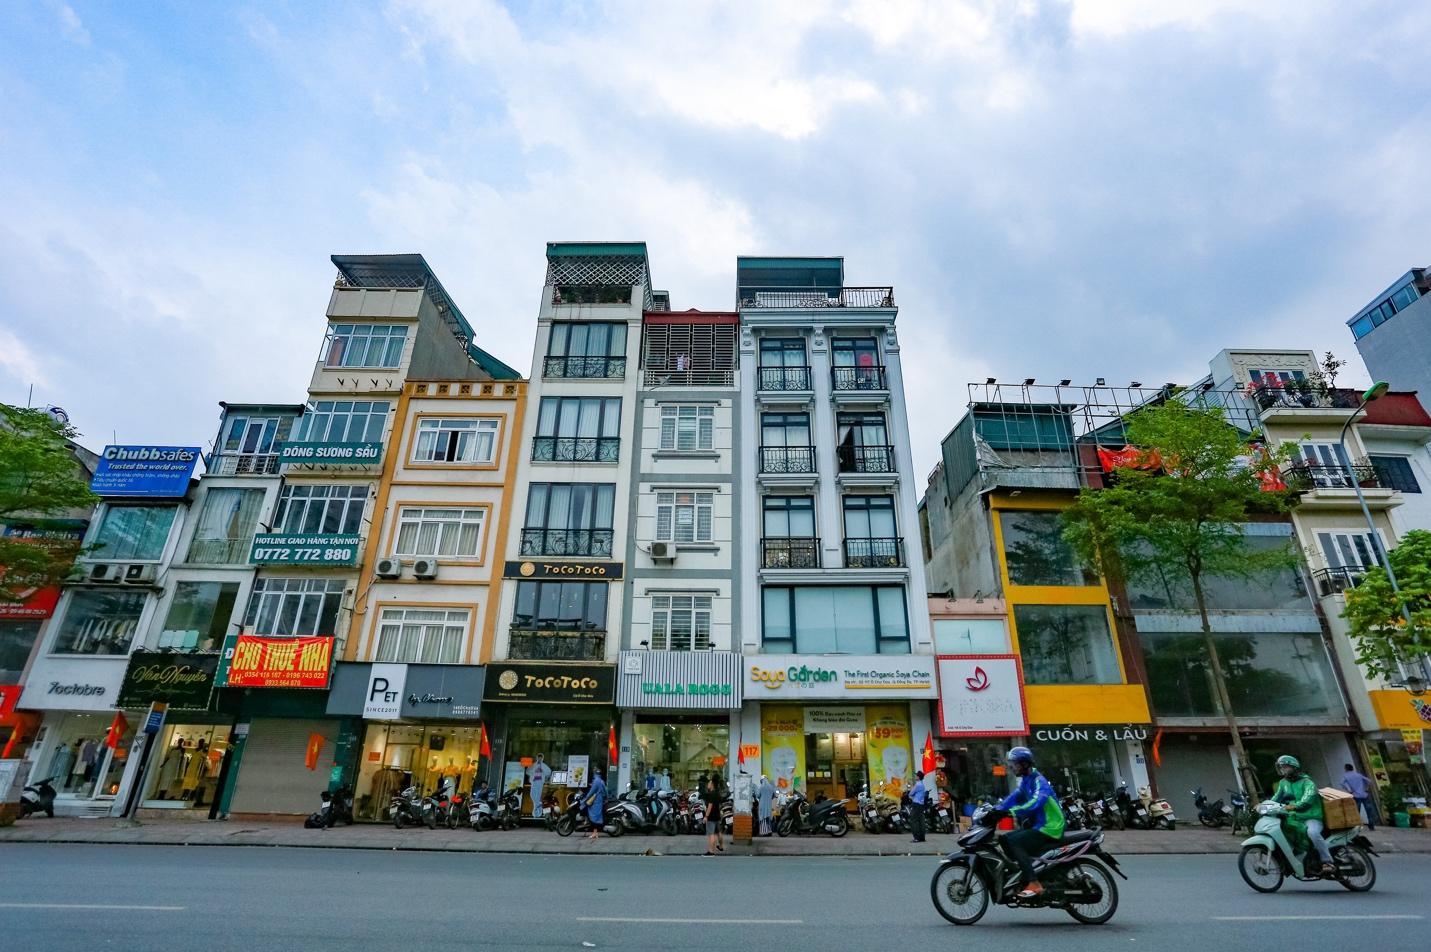 """Cận cảnh 5 tuyến đường được mệnh danh """"đắt nhất hành tinh"""" ở Hà Nội - 8"""